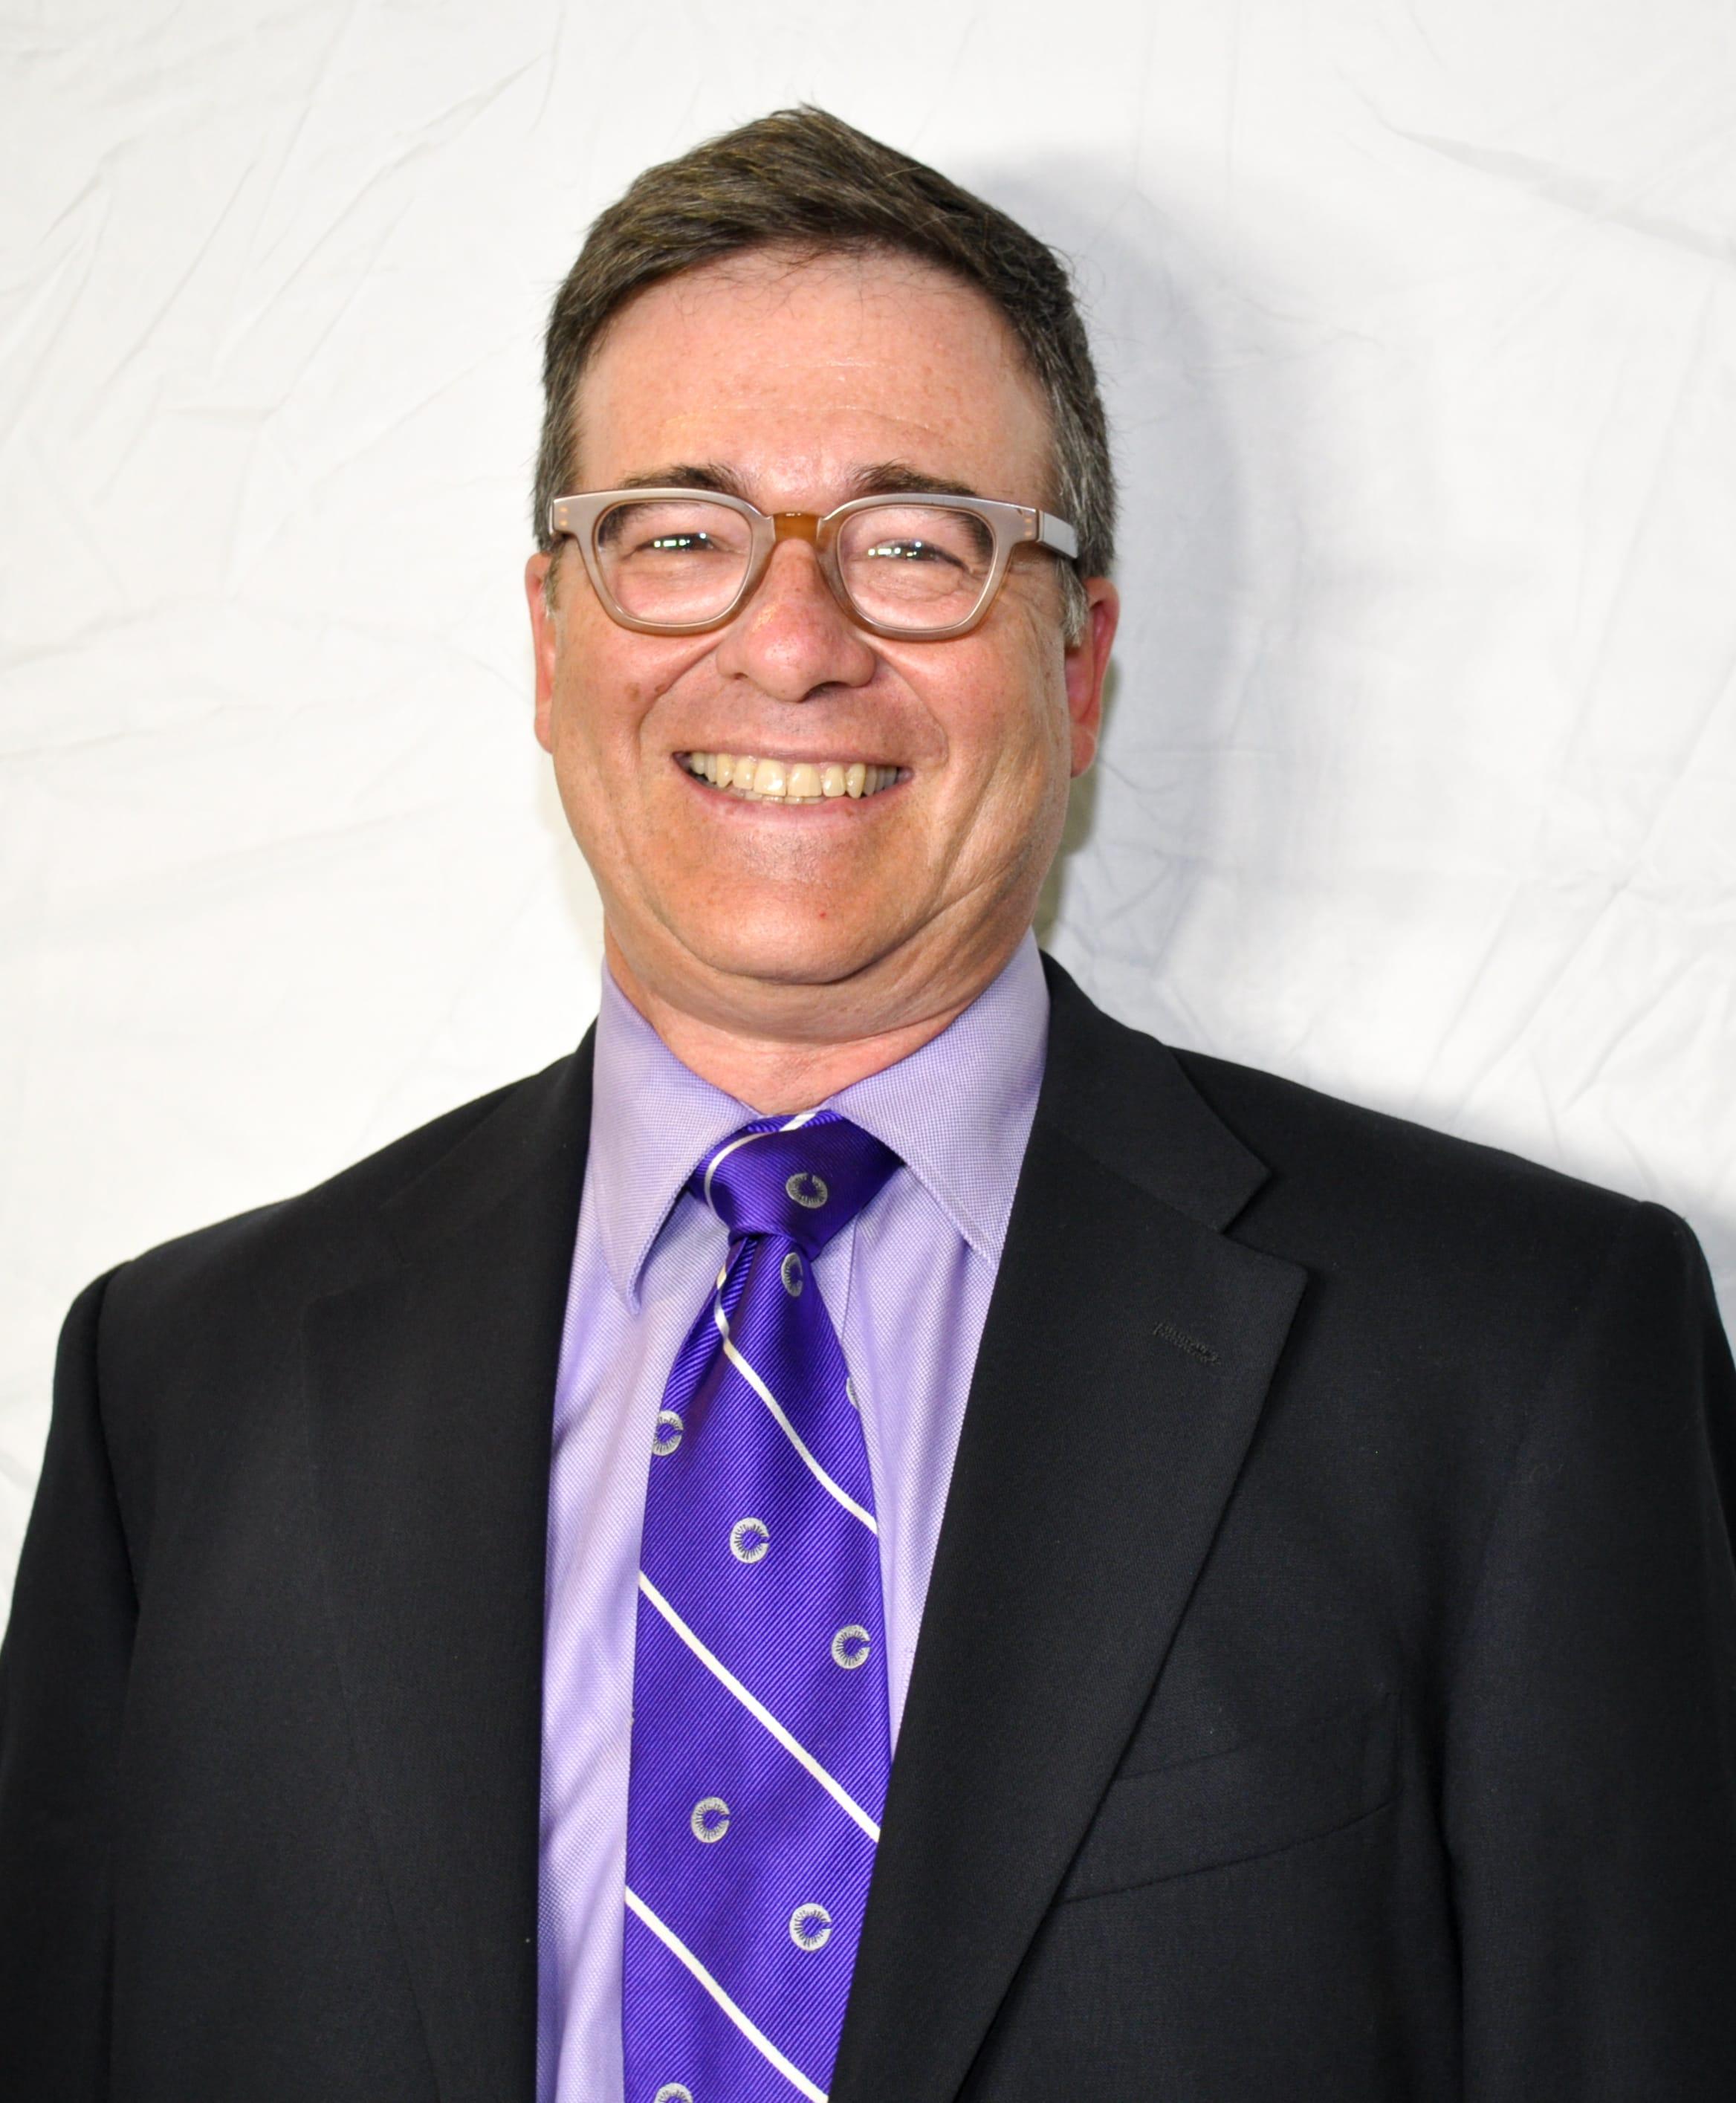 Dr. Paul F Dubner MD